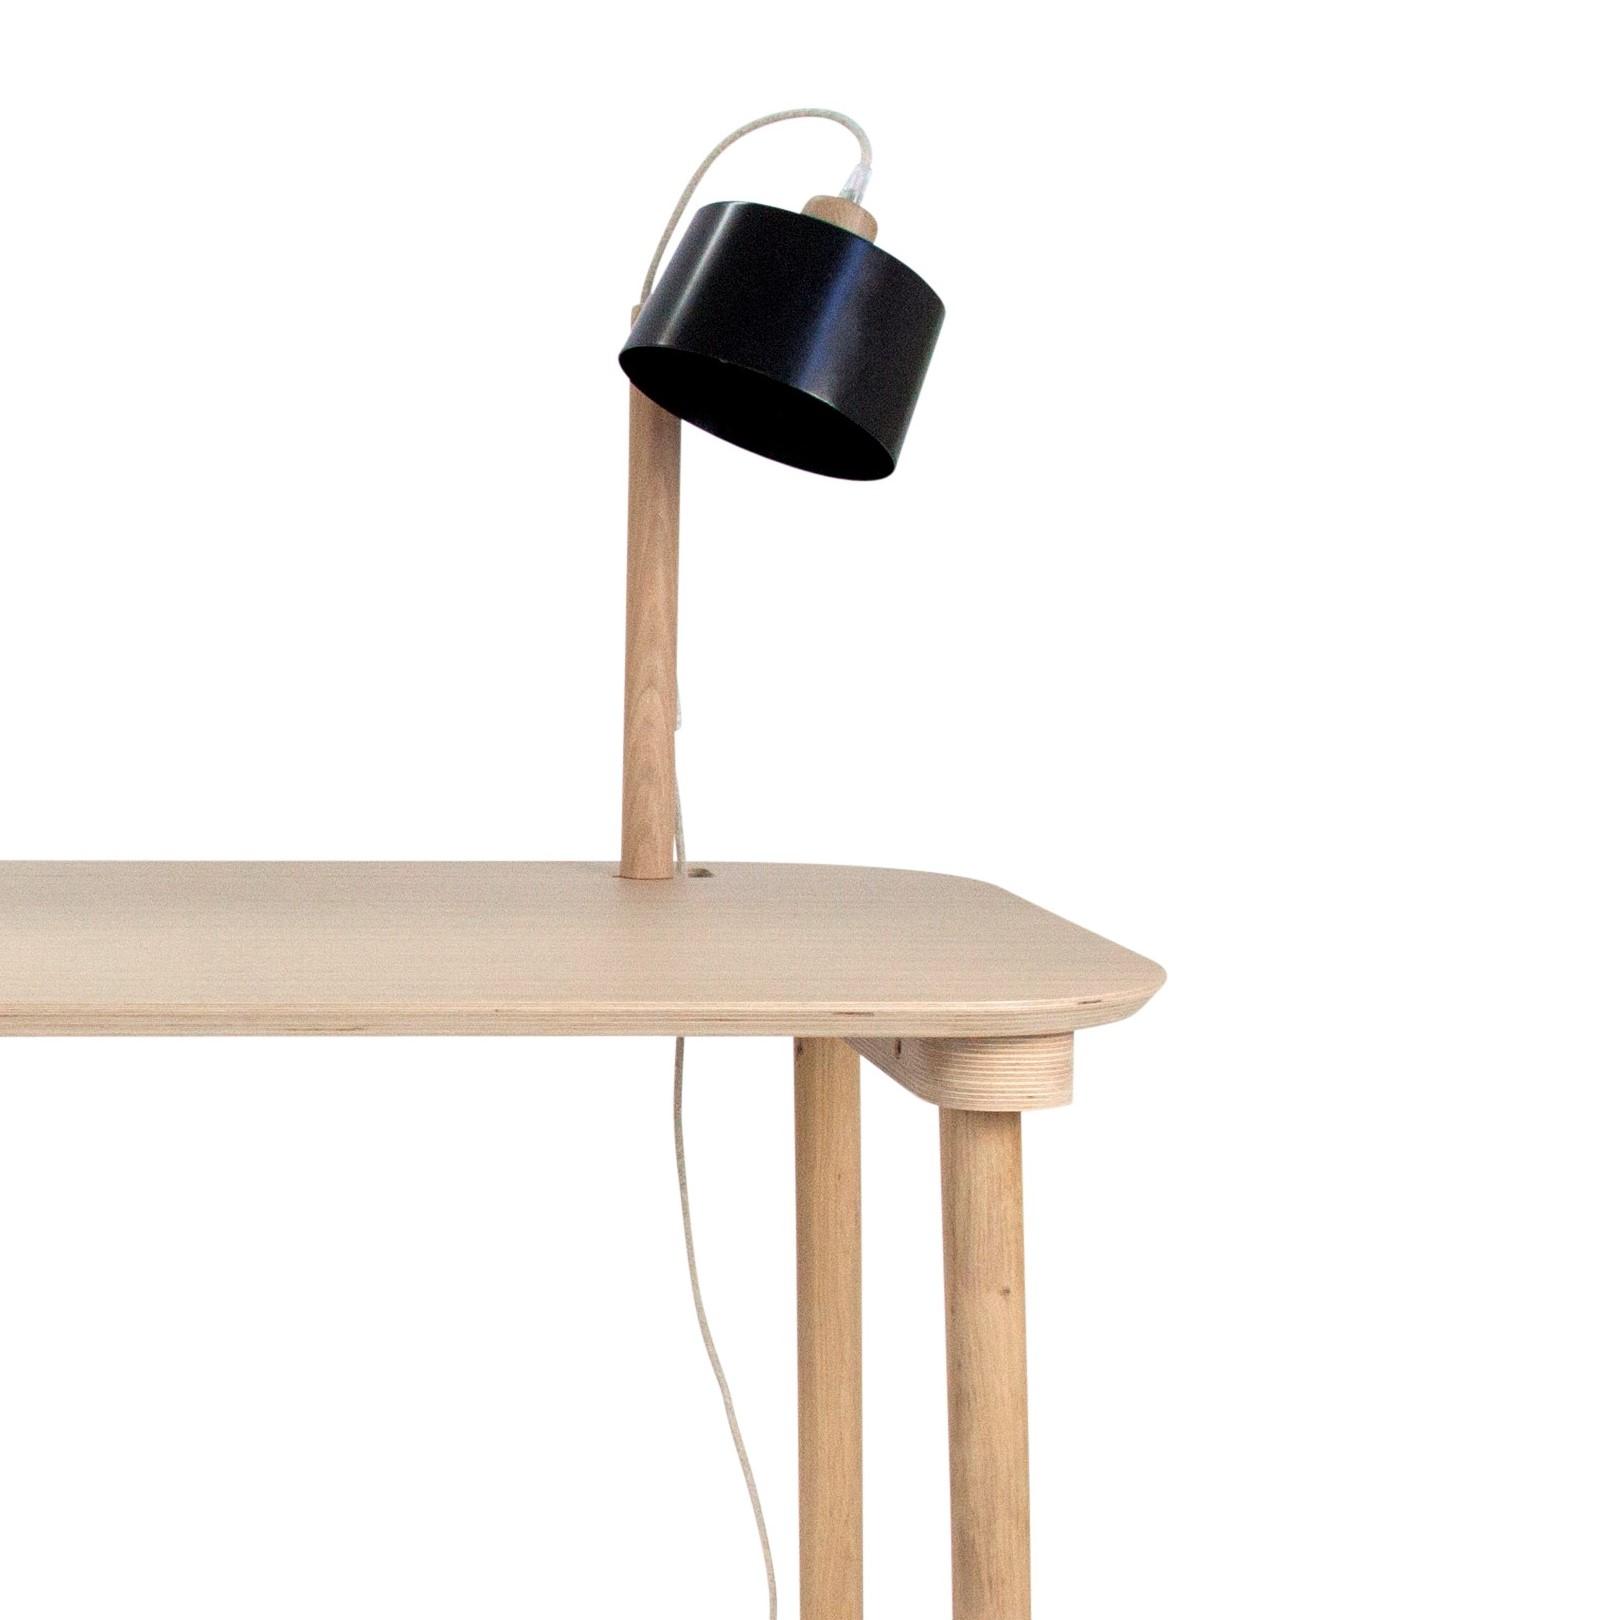 Bureau en chêne avec lampe noir